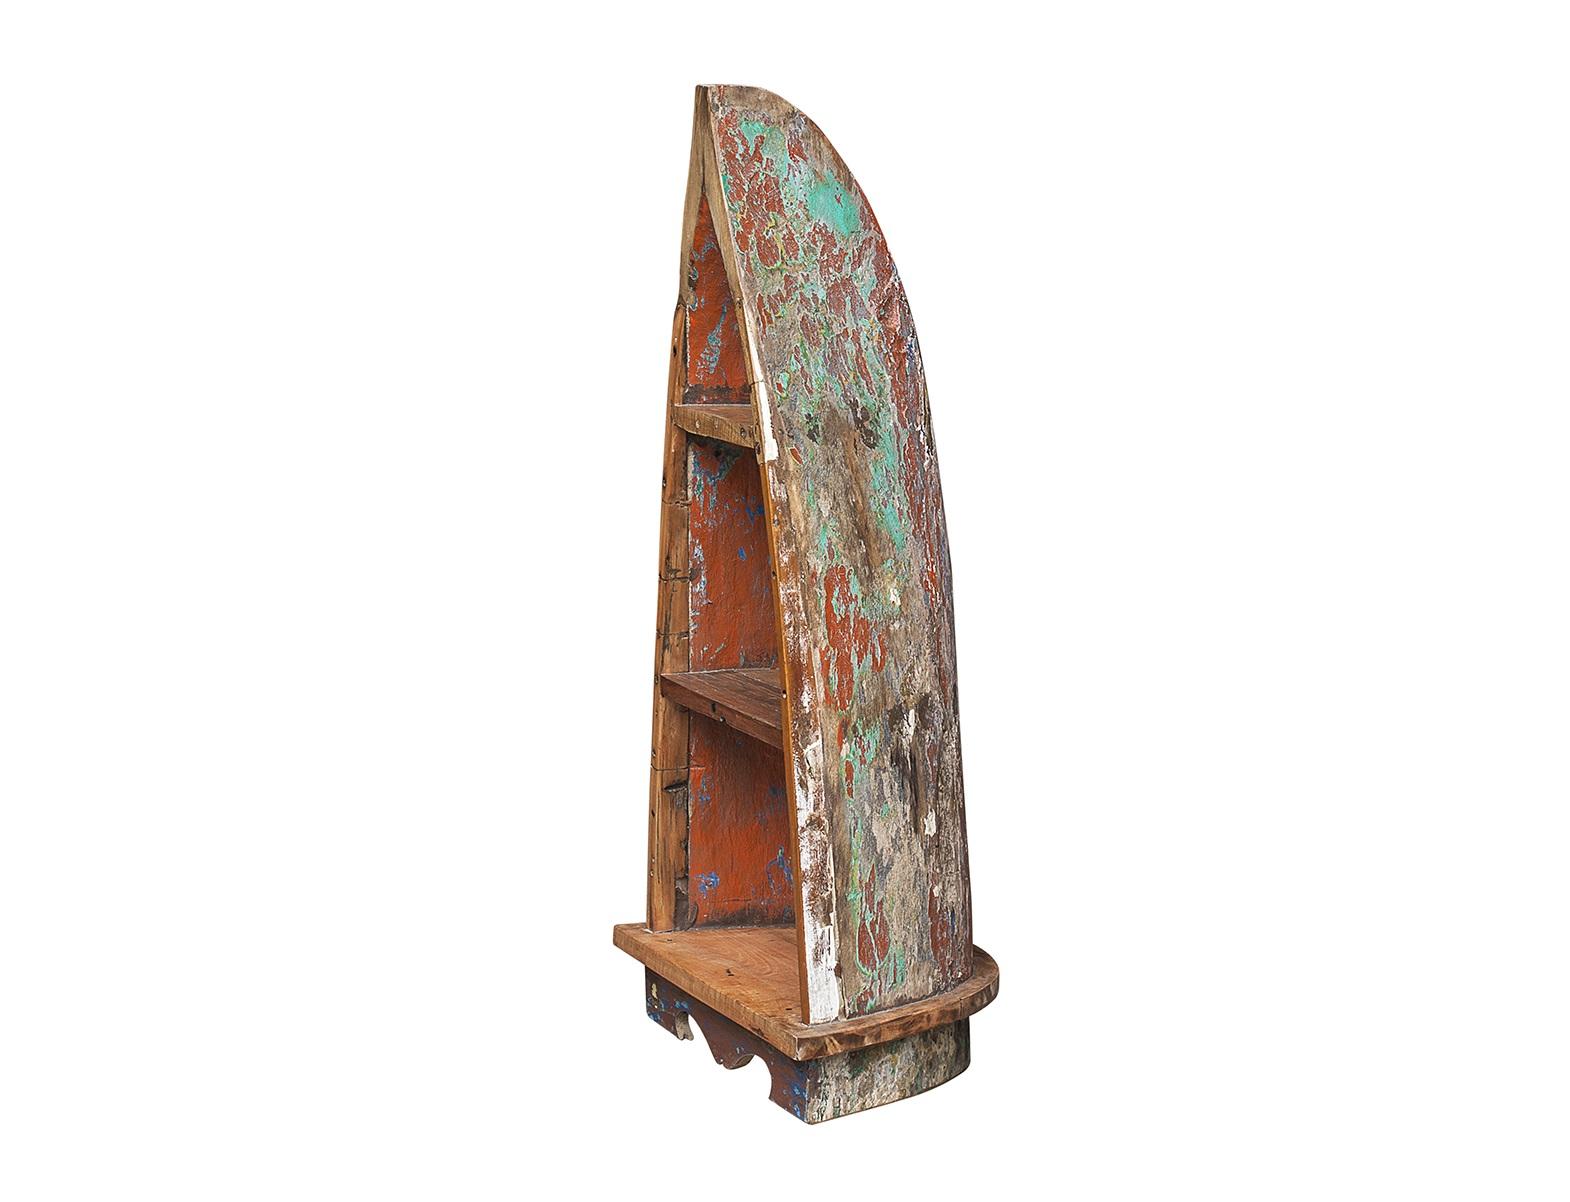 Стеллаж из лодки малый РублёвСтеллажи и этажерки<br>Напольный стеллаж, выполненный из старой рыбацкой лодки изящной вытянутой формы с сохранением оригинальной многослойной окраски.<br><br>Имеет 3 полки разной вместимости.<br>Подходит для использования как внутри помещения, так и снаружи.<br>Сборка не требуется.<br>Страна производитель - Индонезия.<br><br>kit: None<br>gender: None